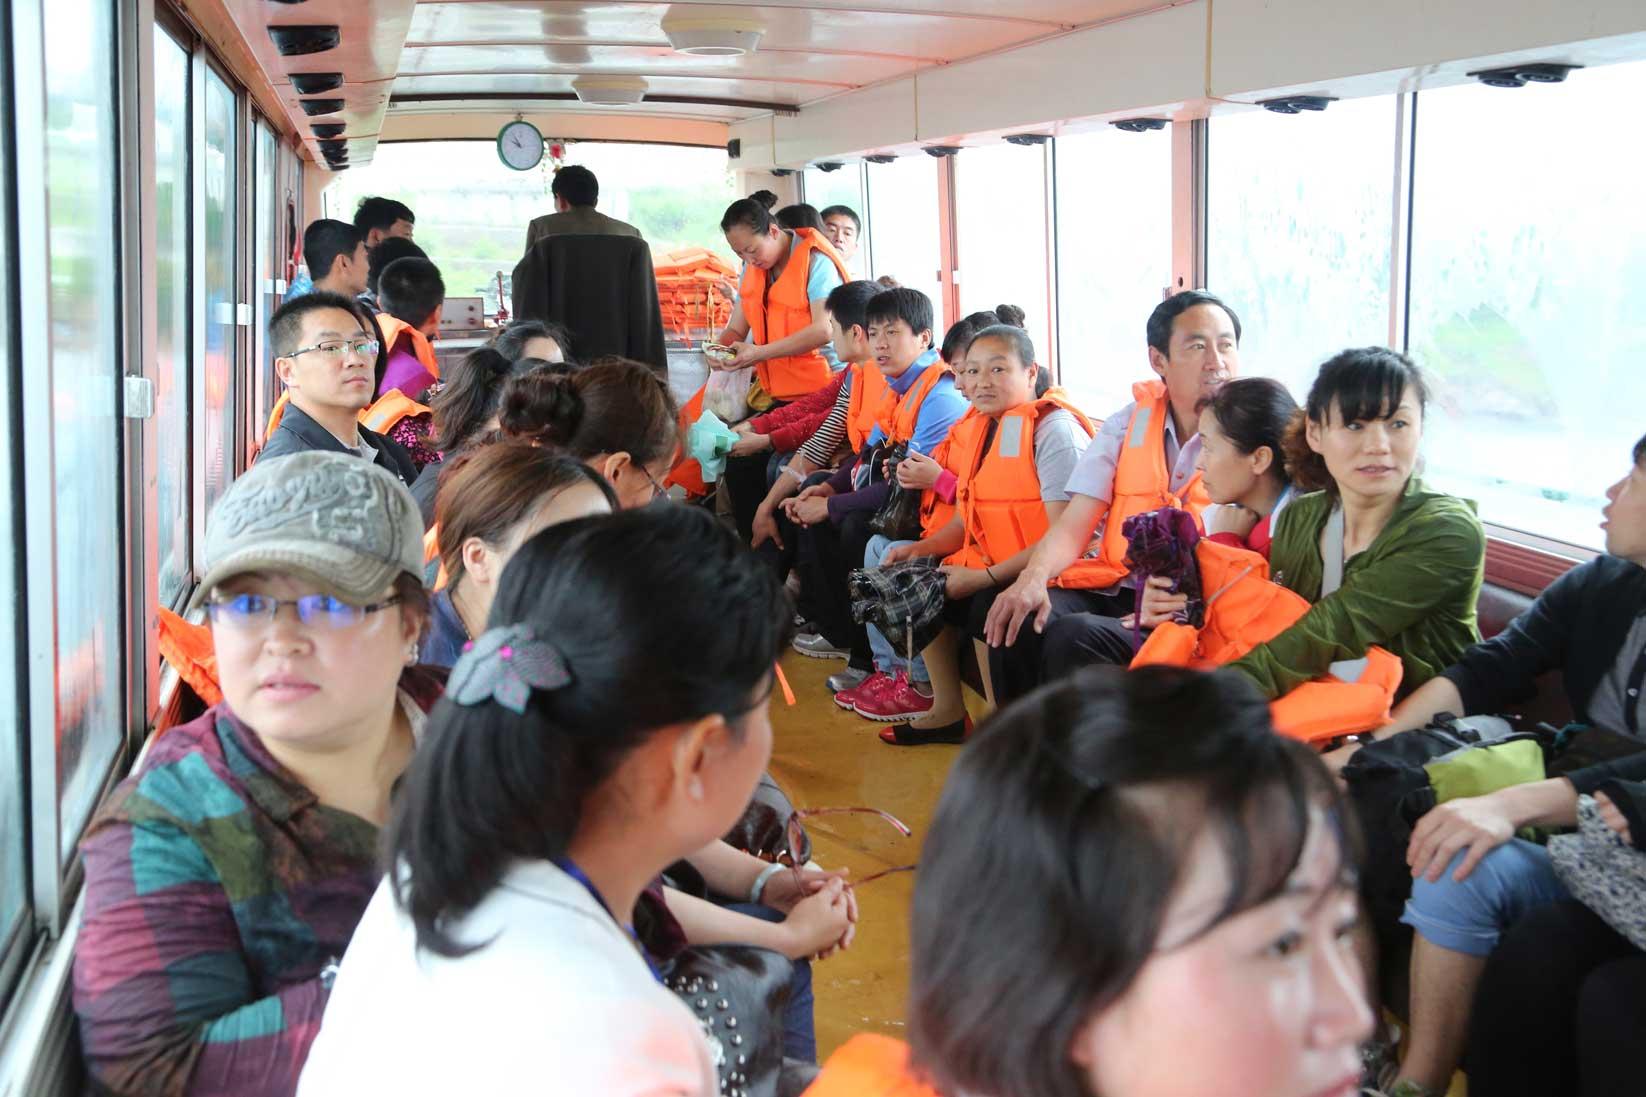 羅先(北朝鮮)で見かけた中国人観光客たち_b0235153_1622671.jpg